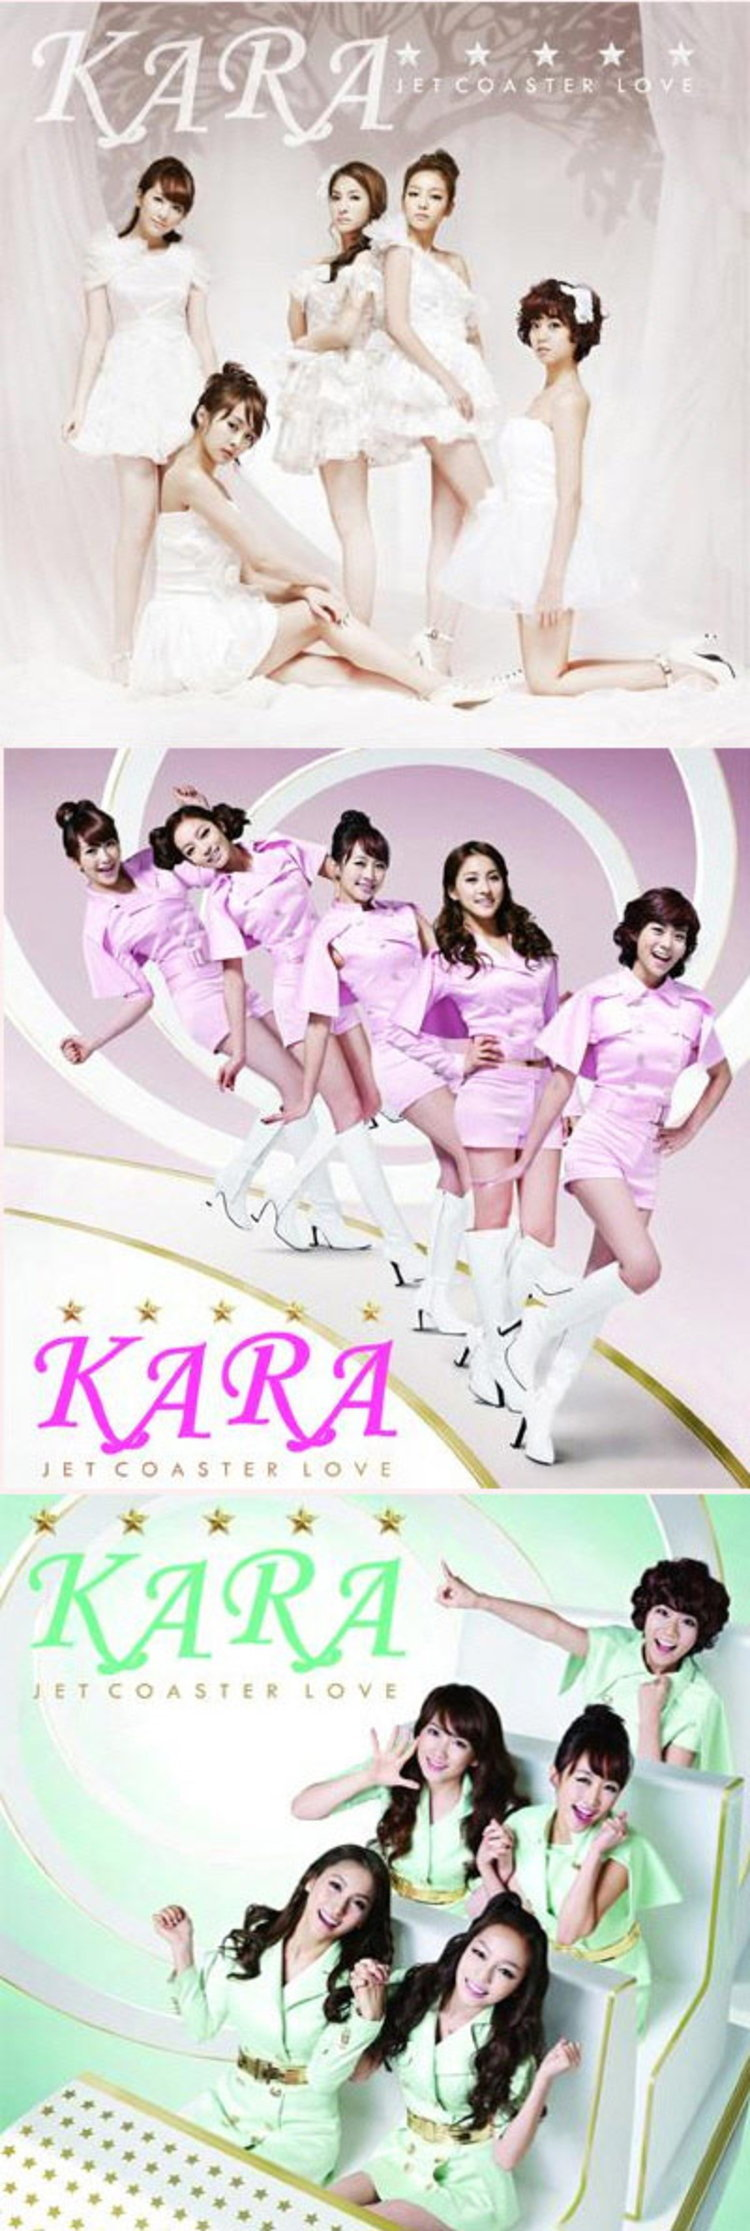 คาร่า เผยอัลบั้มภาพแจ็คเก็ตชุดใหม่ JET COASTER LOVE ญี่ปุ่น